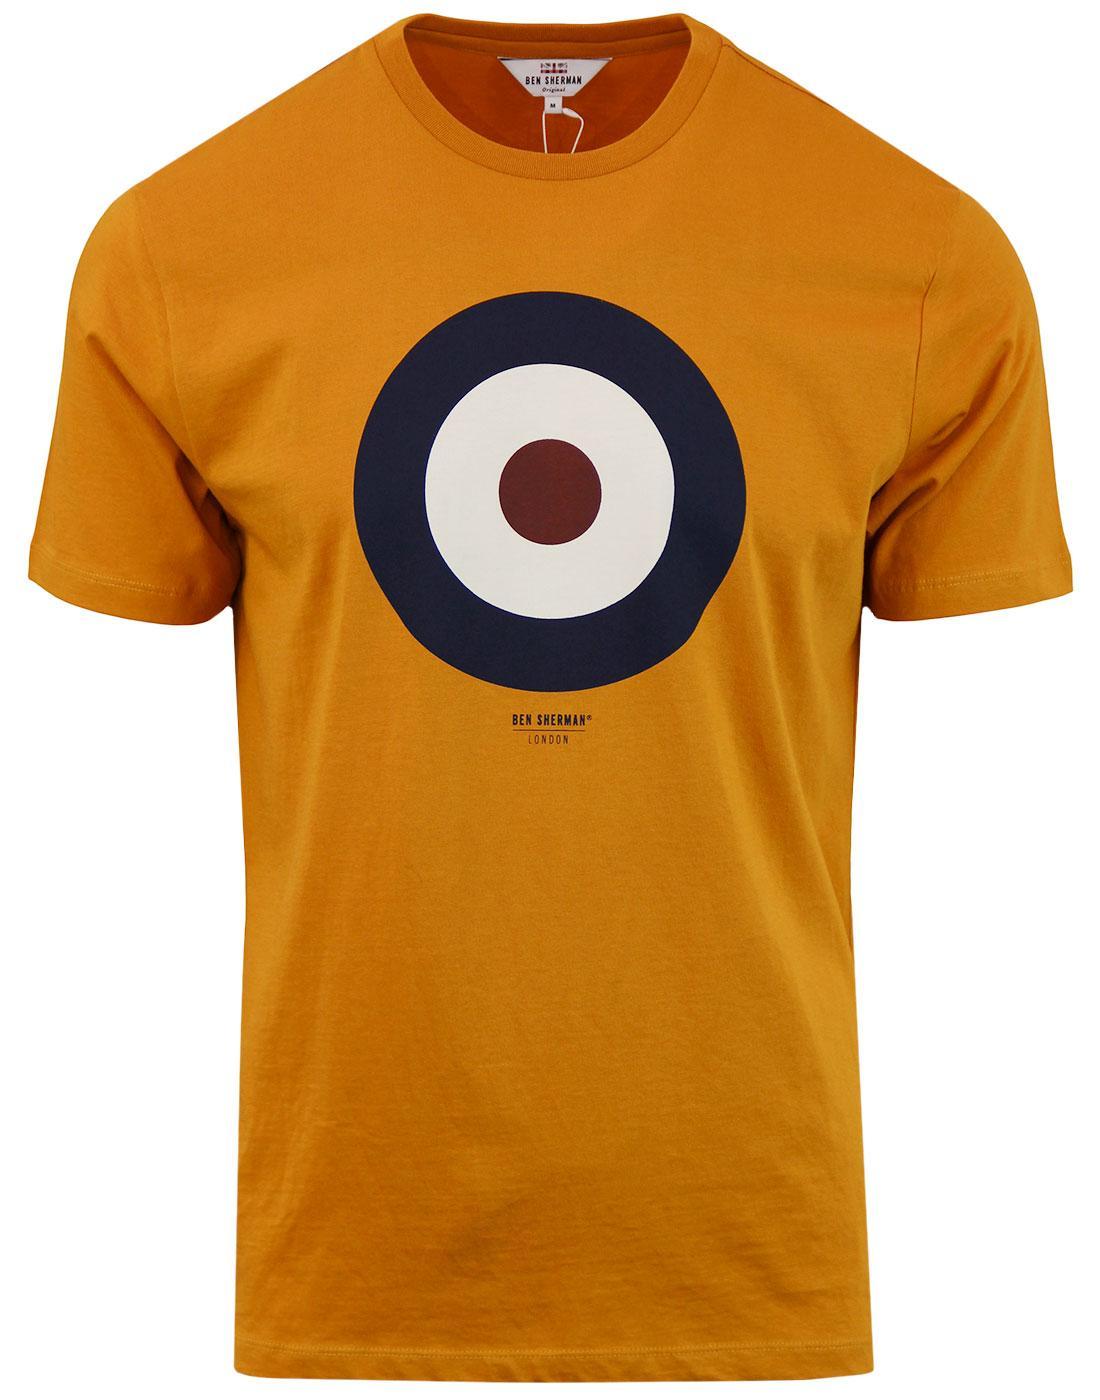 BEN SHERMAN 60s Pop Art Mod Target T-Shirt OCHRE